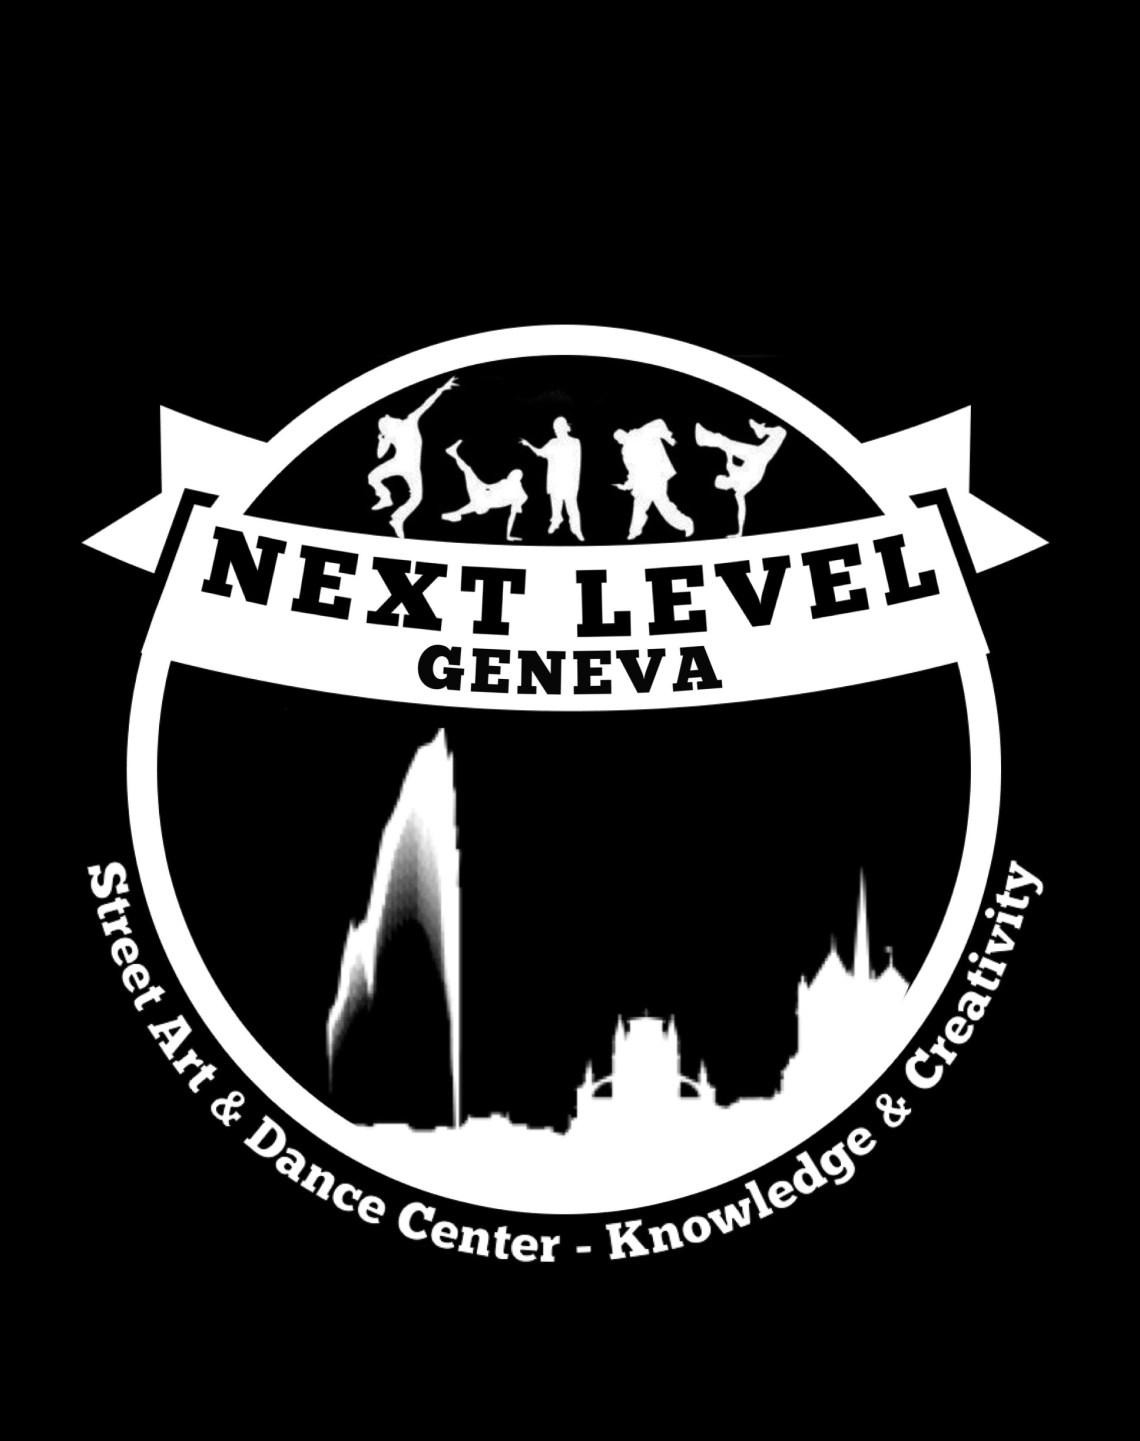 Breakin Flavors : Cours de Breakdance à Genève - Tous les mercredis de 14h00 à 17h00 Dès 5ans de 14h00 à 15h00